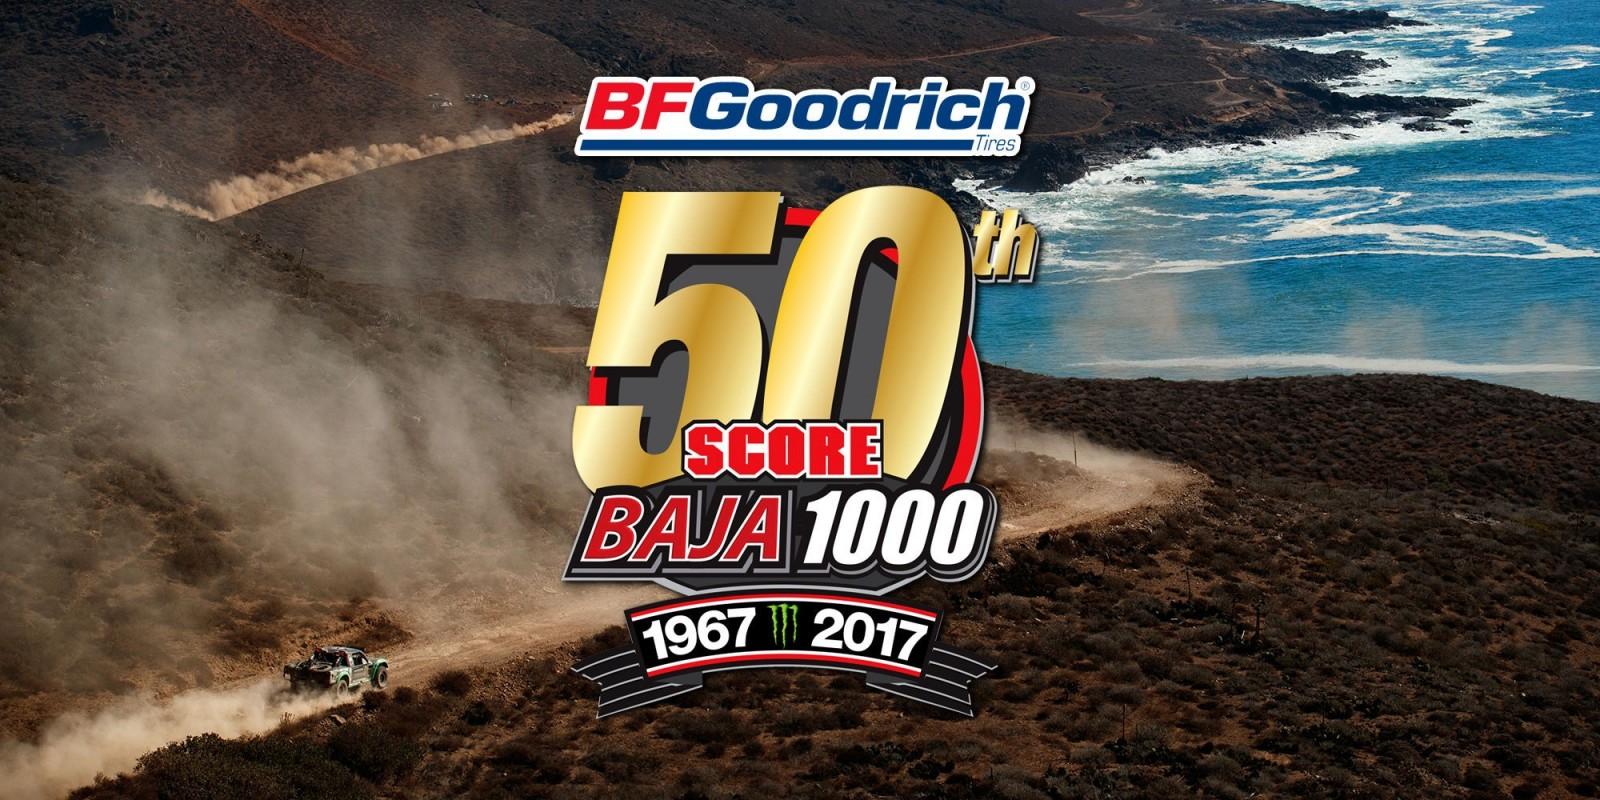 2017 Web Baja 1000 Hero Images